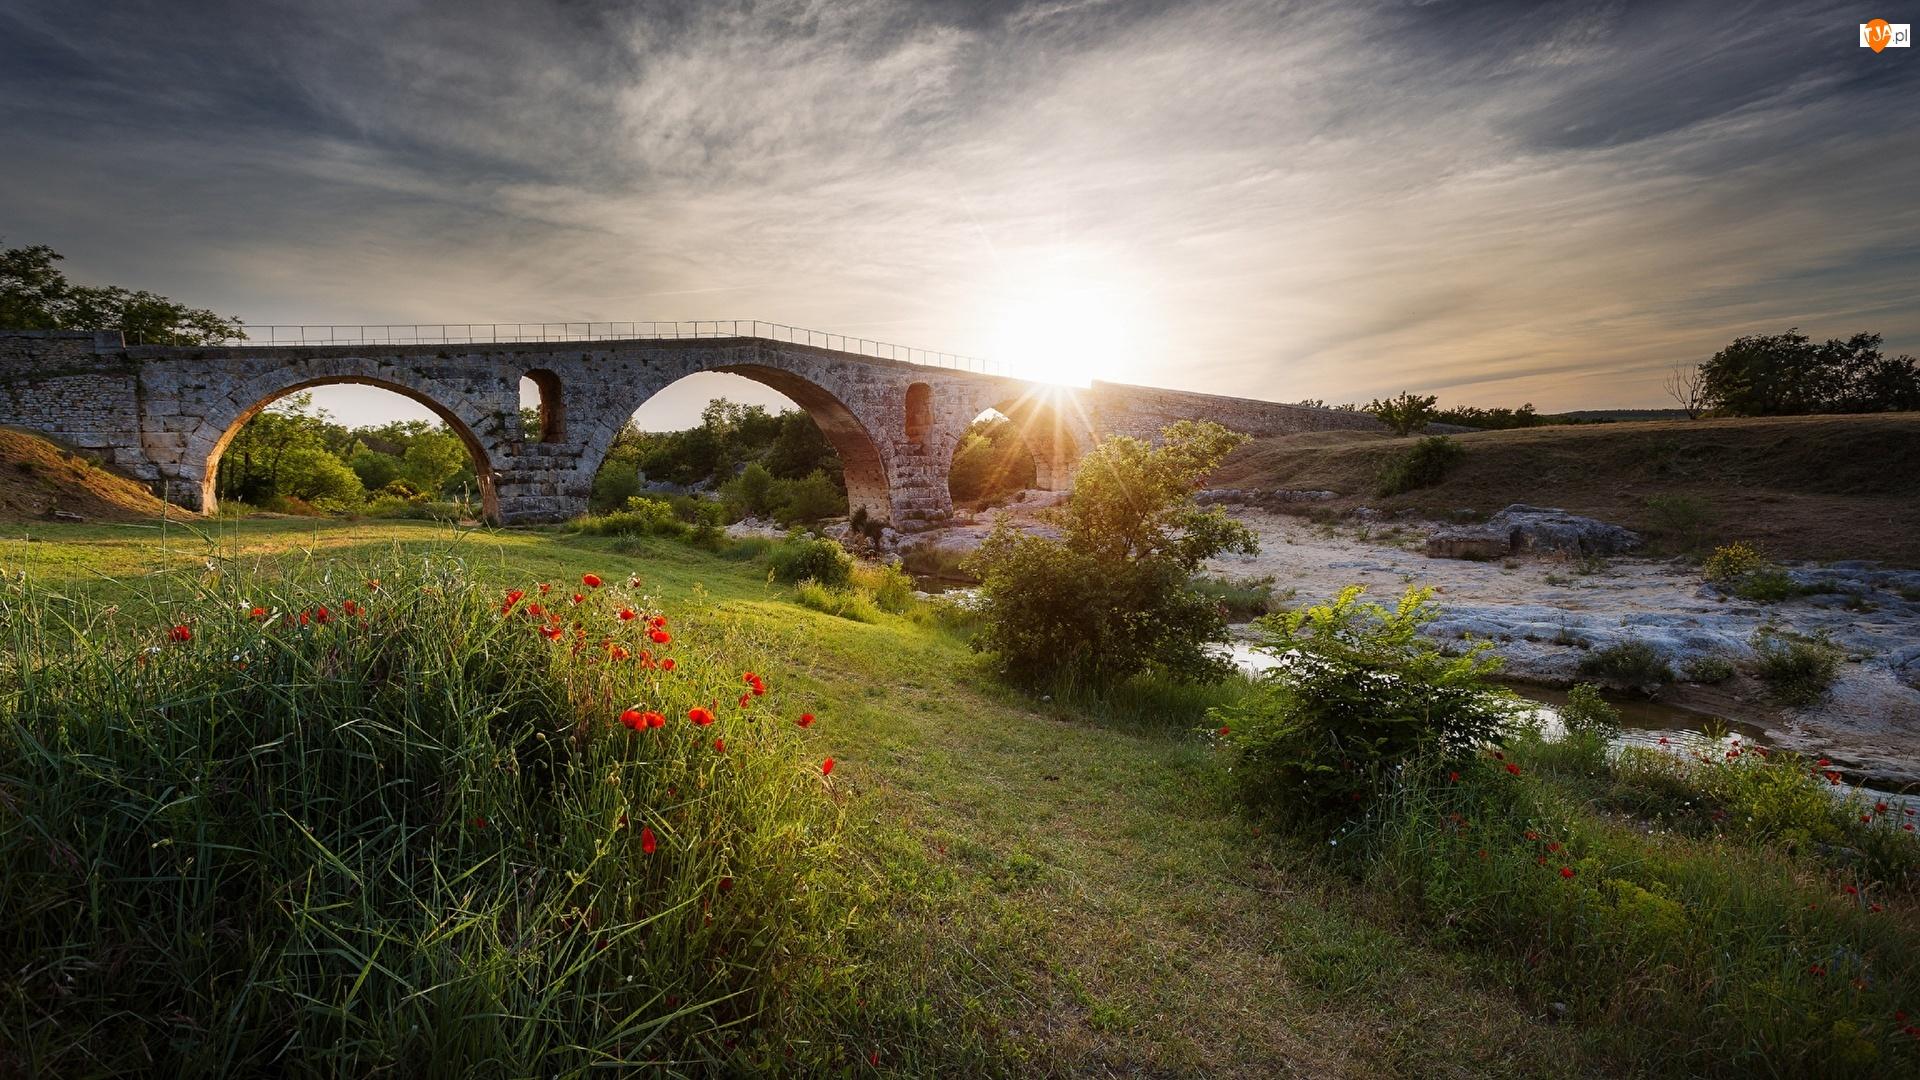 Rzeka, Kamienny, Krzewy, Wschód słońca, Maki, Trawa, Most